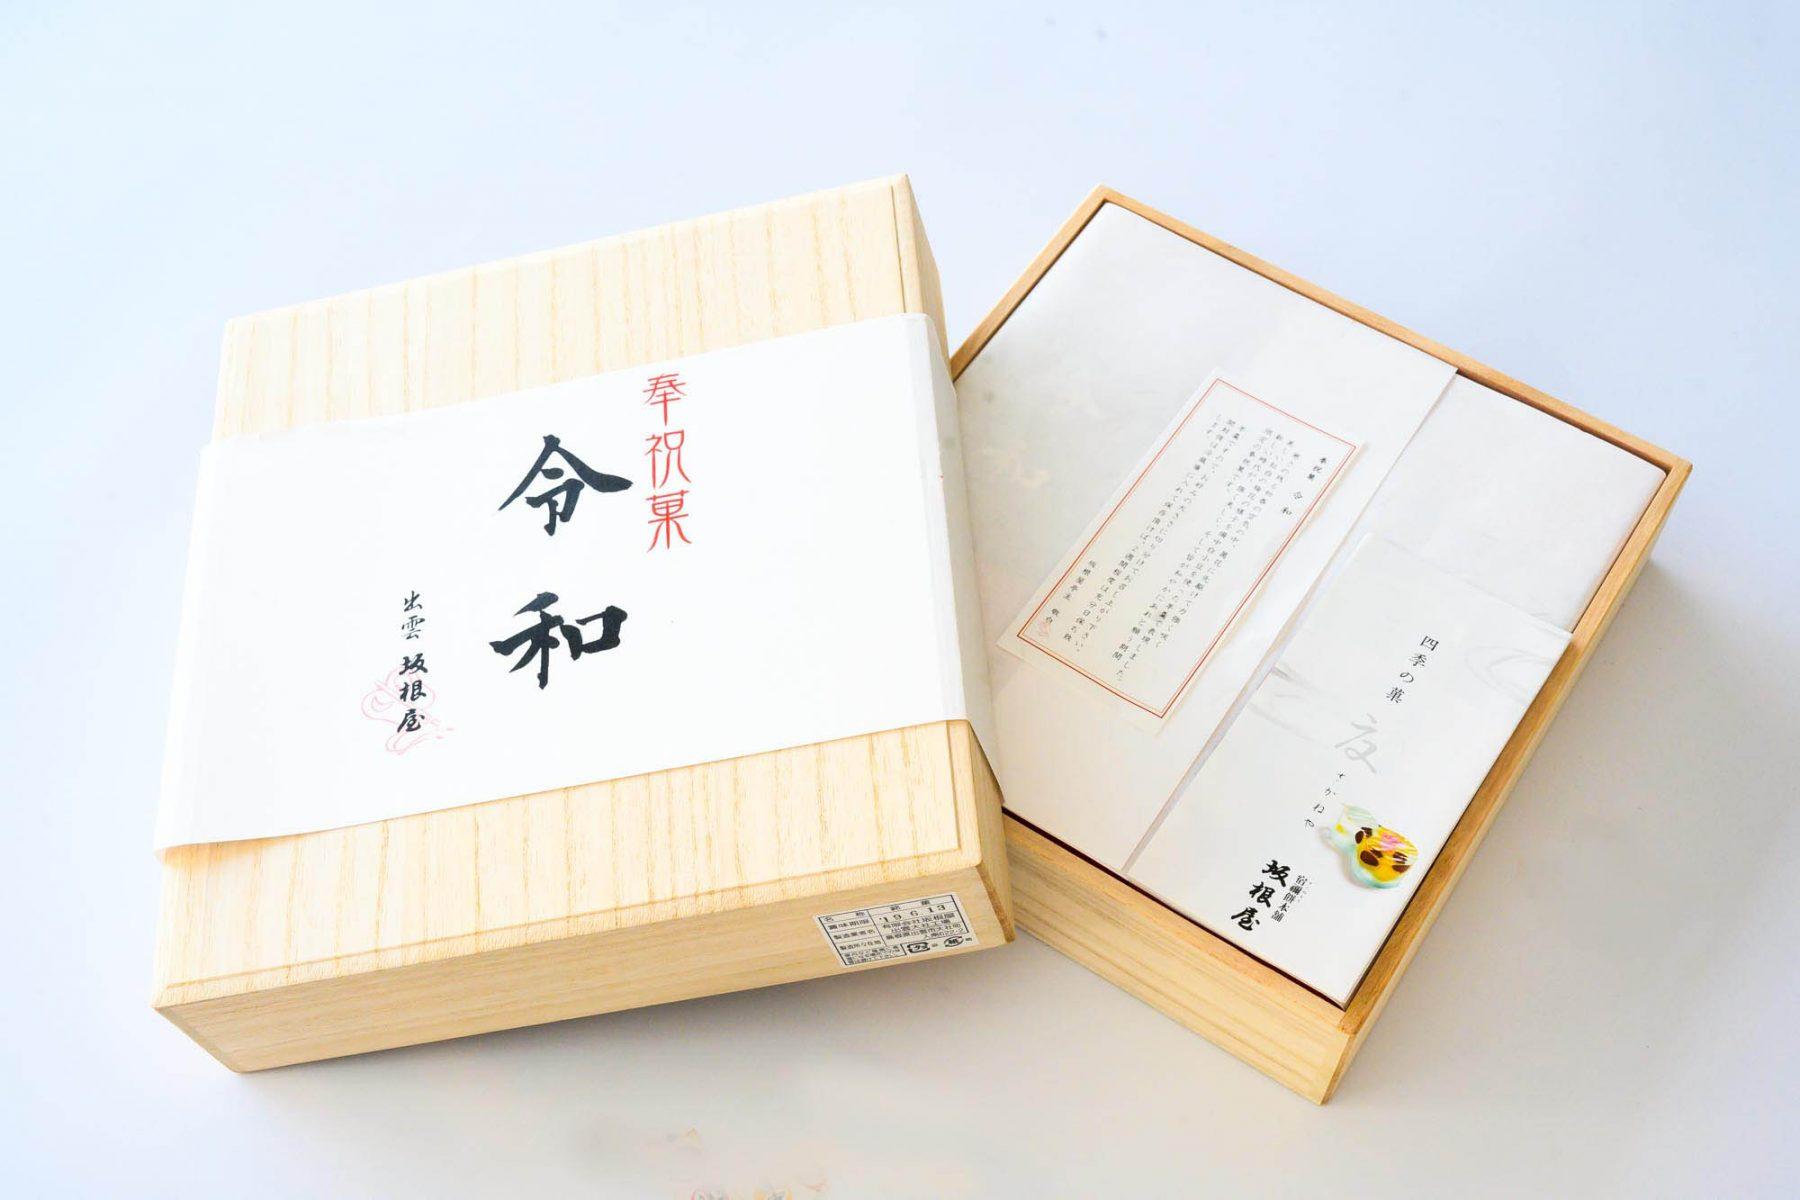 坂根屋様お菓子箱